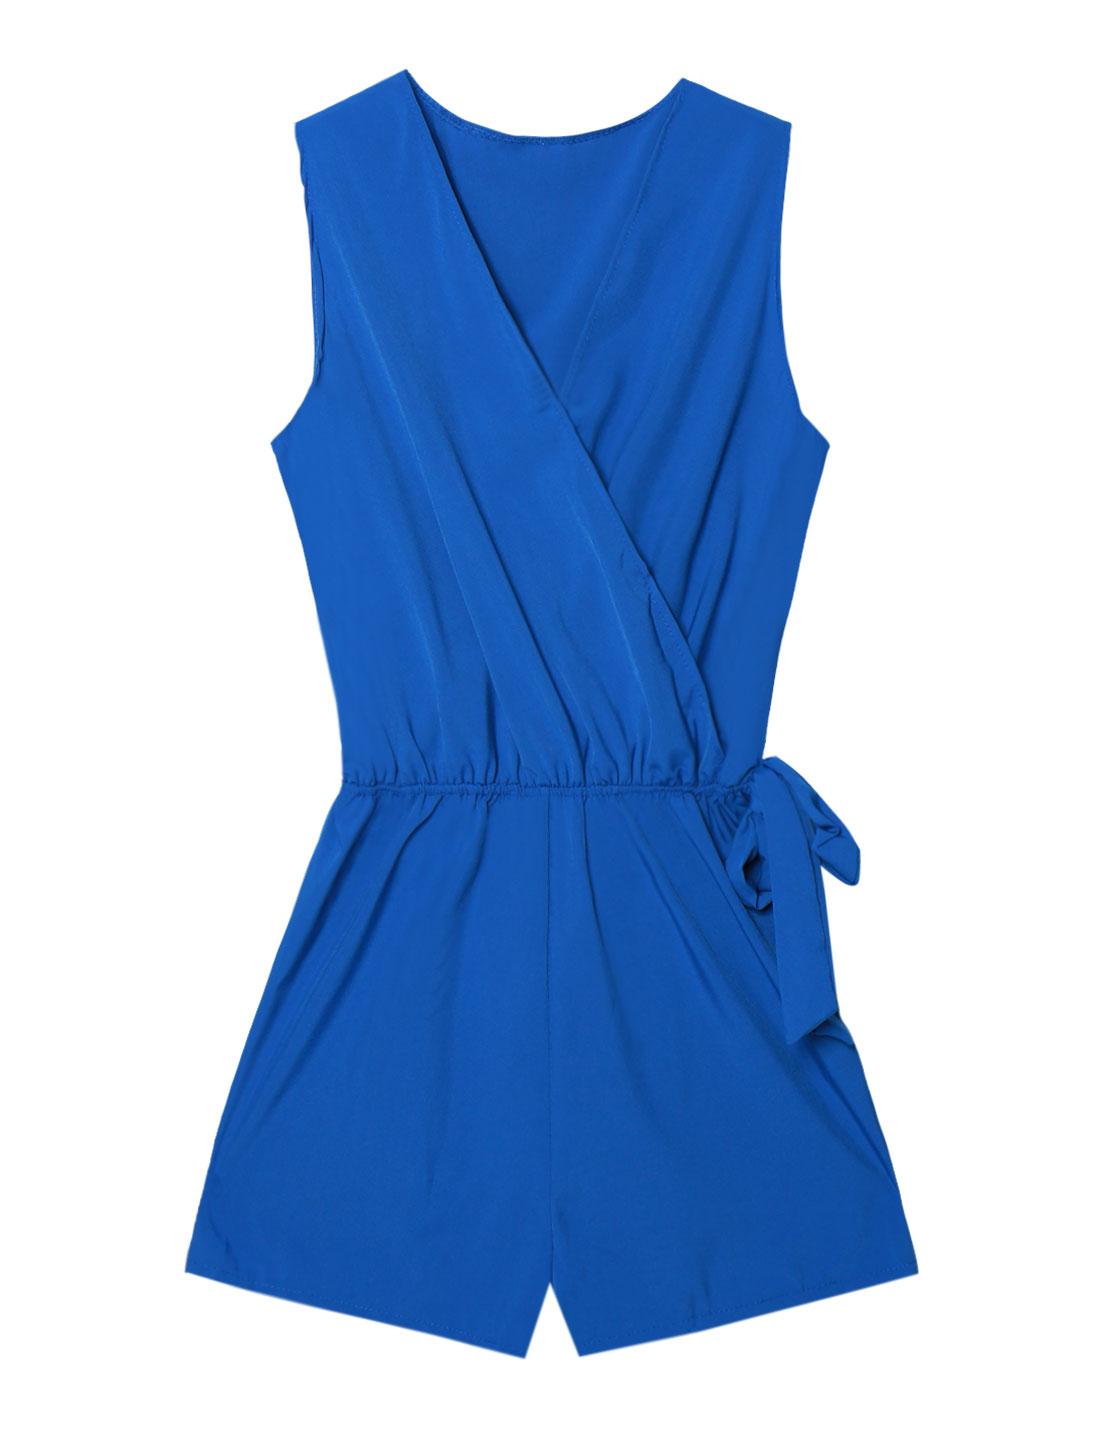 Women Crossover V Neck Self Tie Sleeveless Romper Blue M